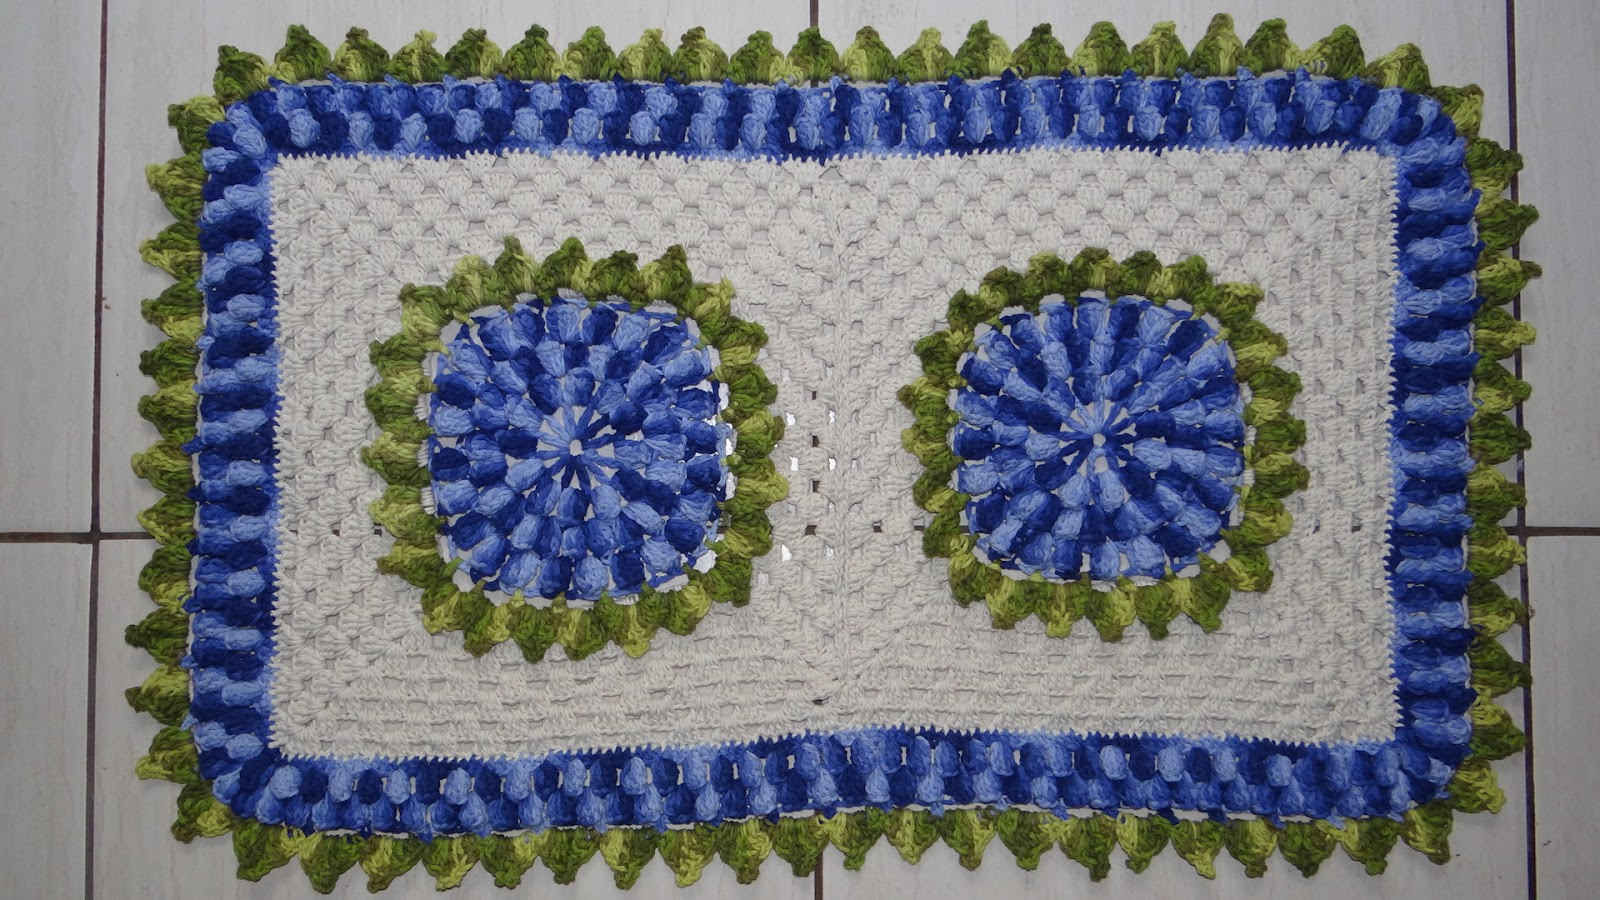 Passo A Passo Tapete Retangular Em Croch Ateli Do Croch  -> Tapete De Croche Redondo Passo A Passo